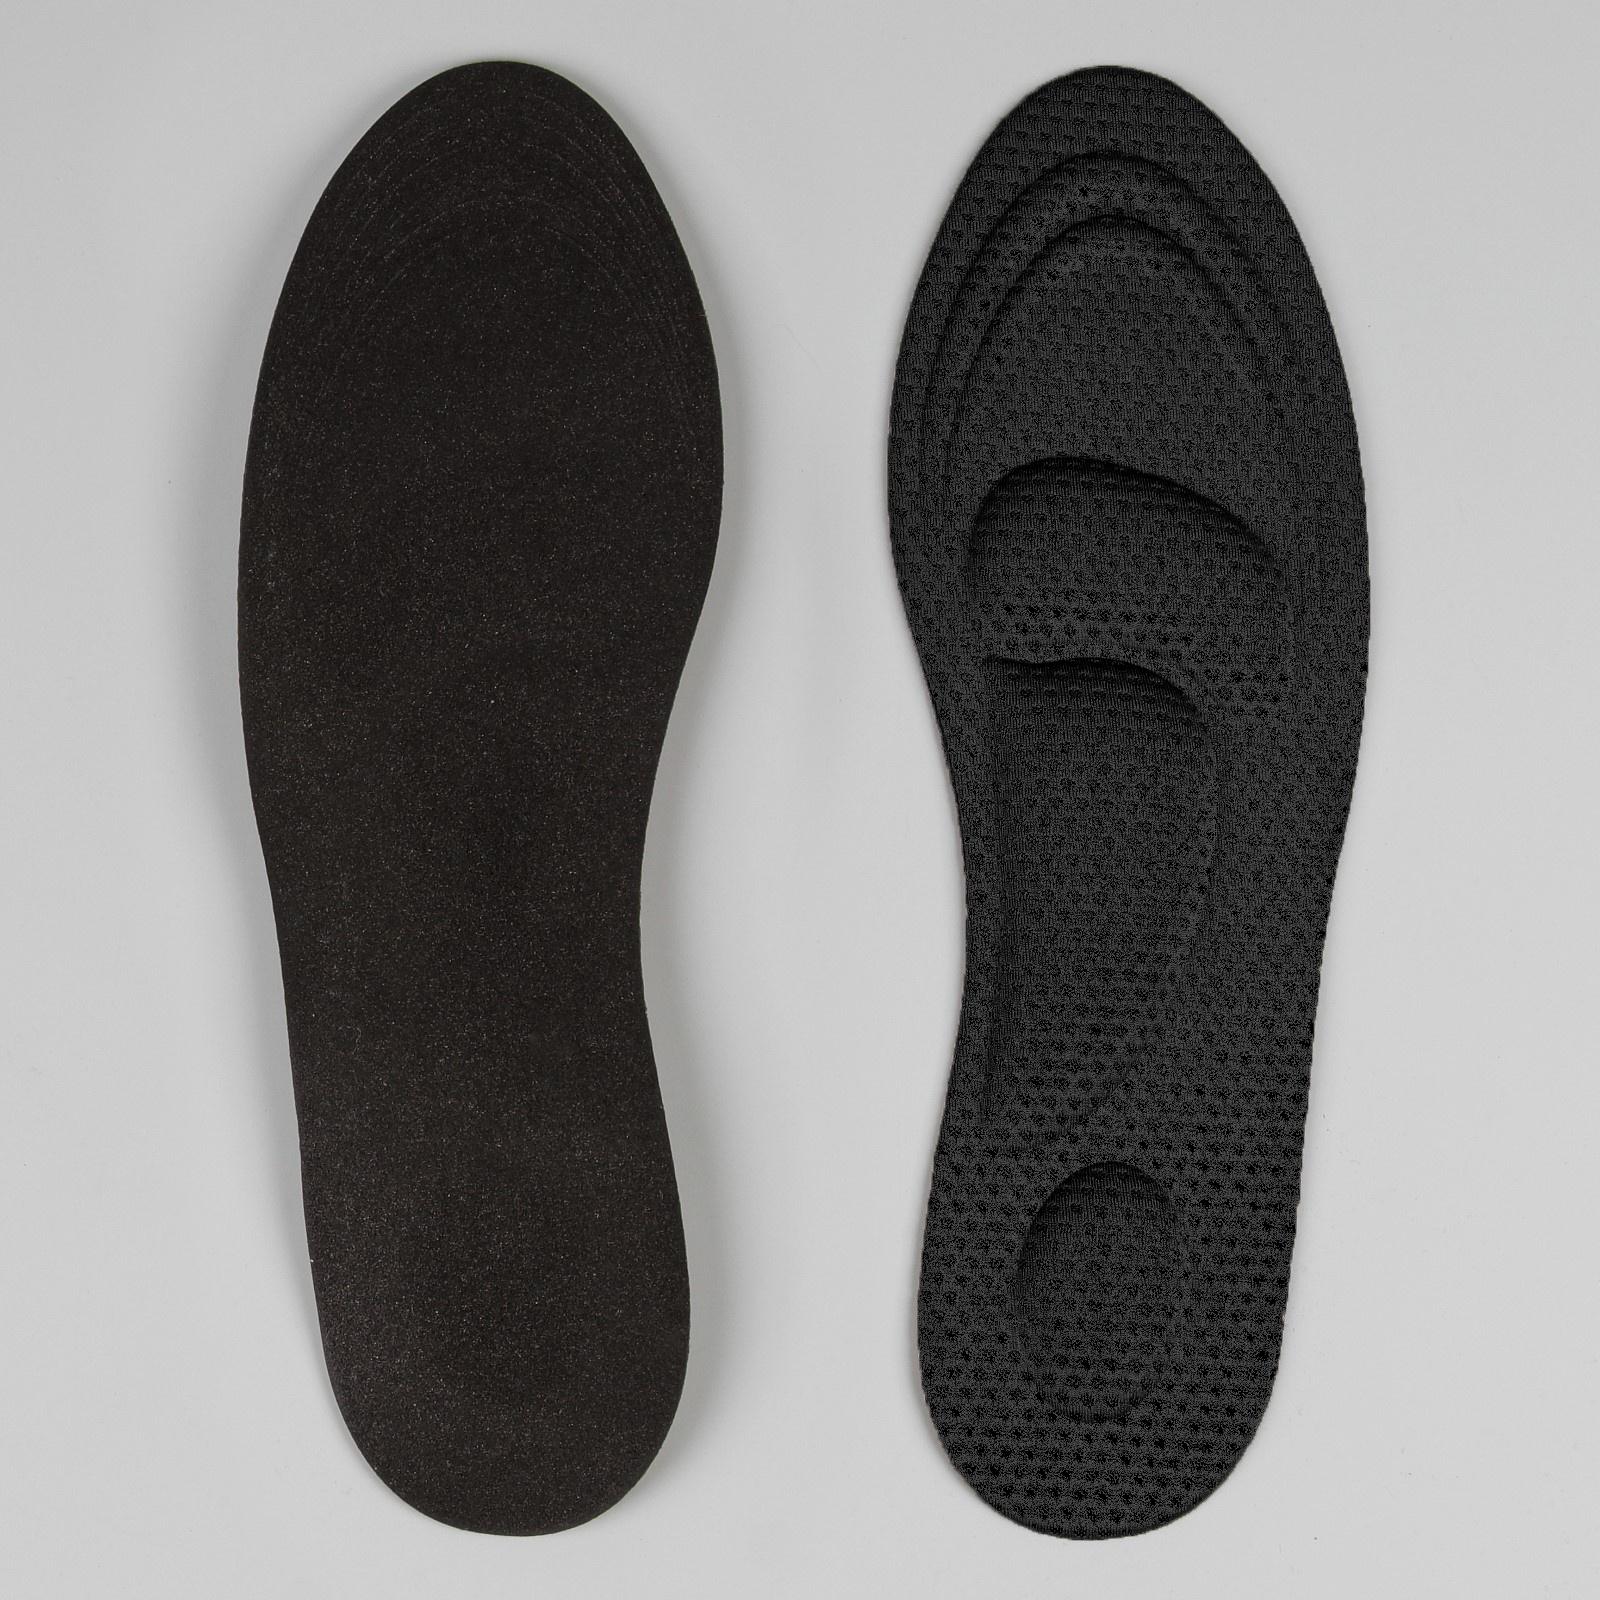 Стельки для обуви А М Дизайн, чёрный